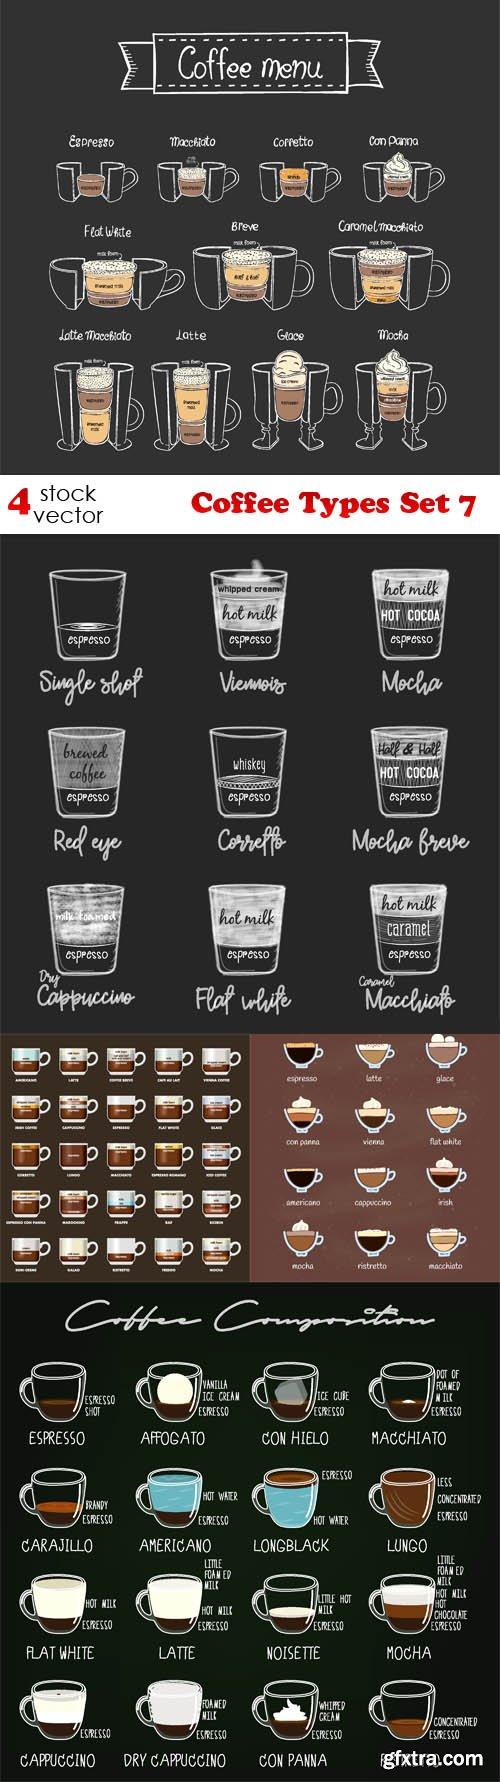 Vectors - Coffee Types Set 7